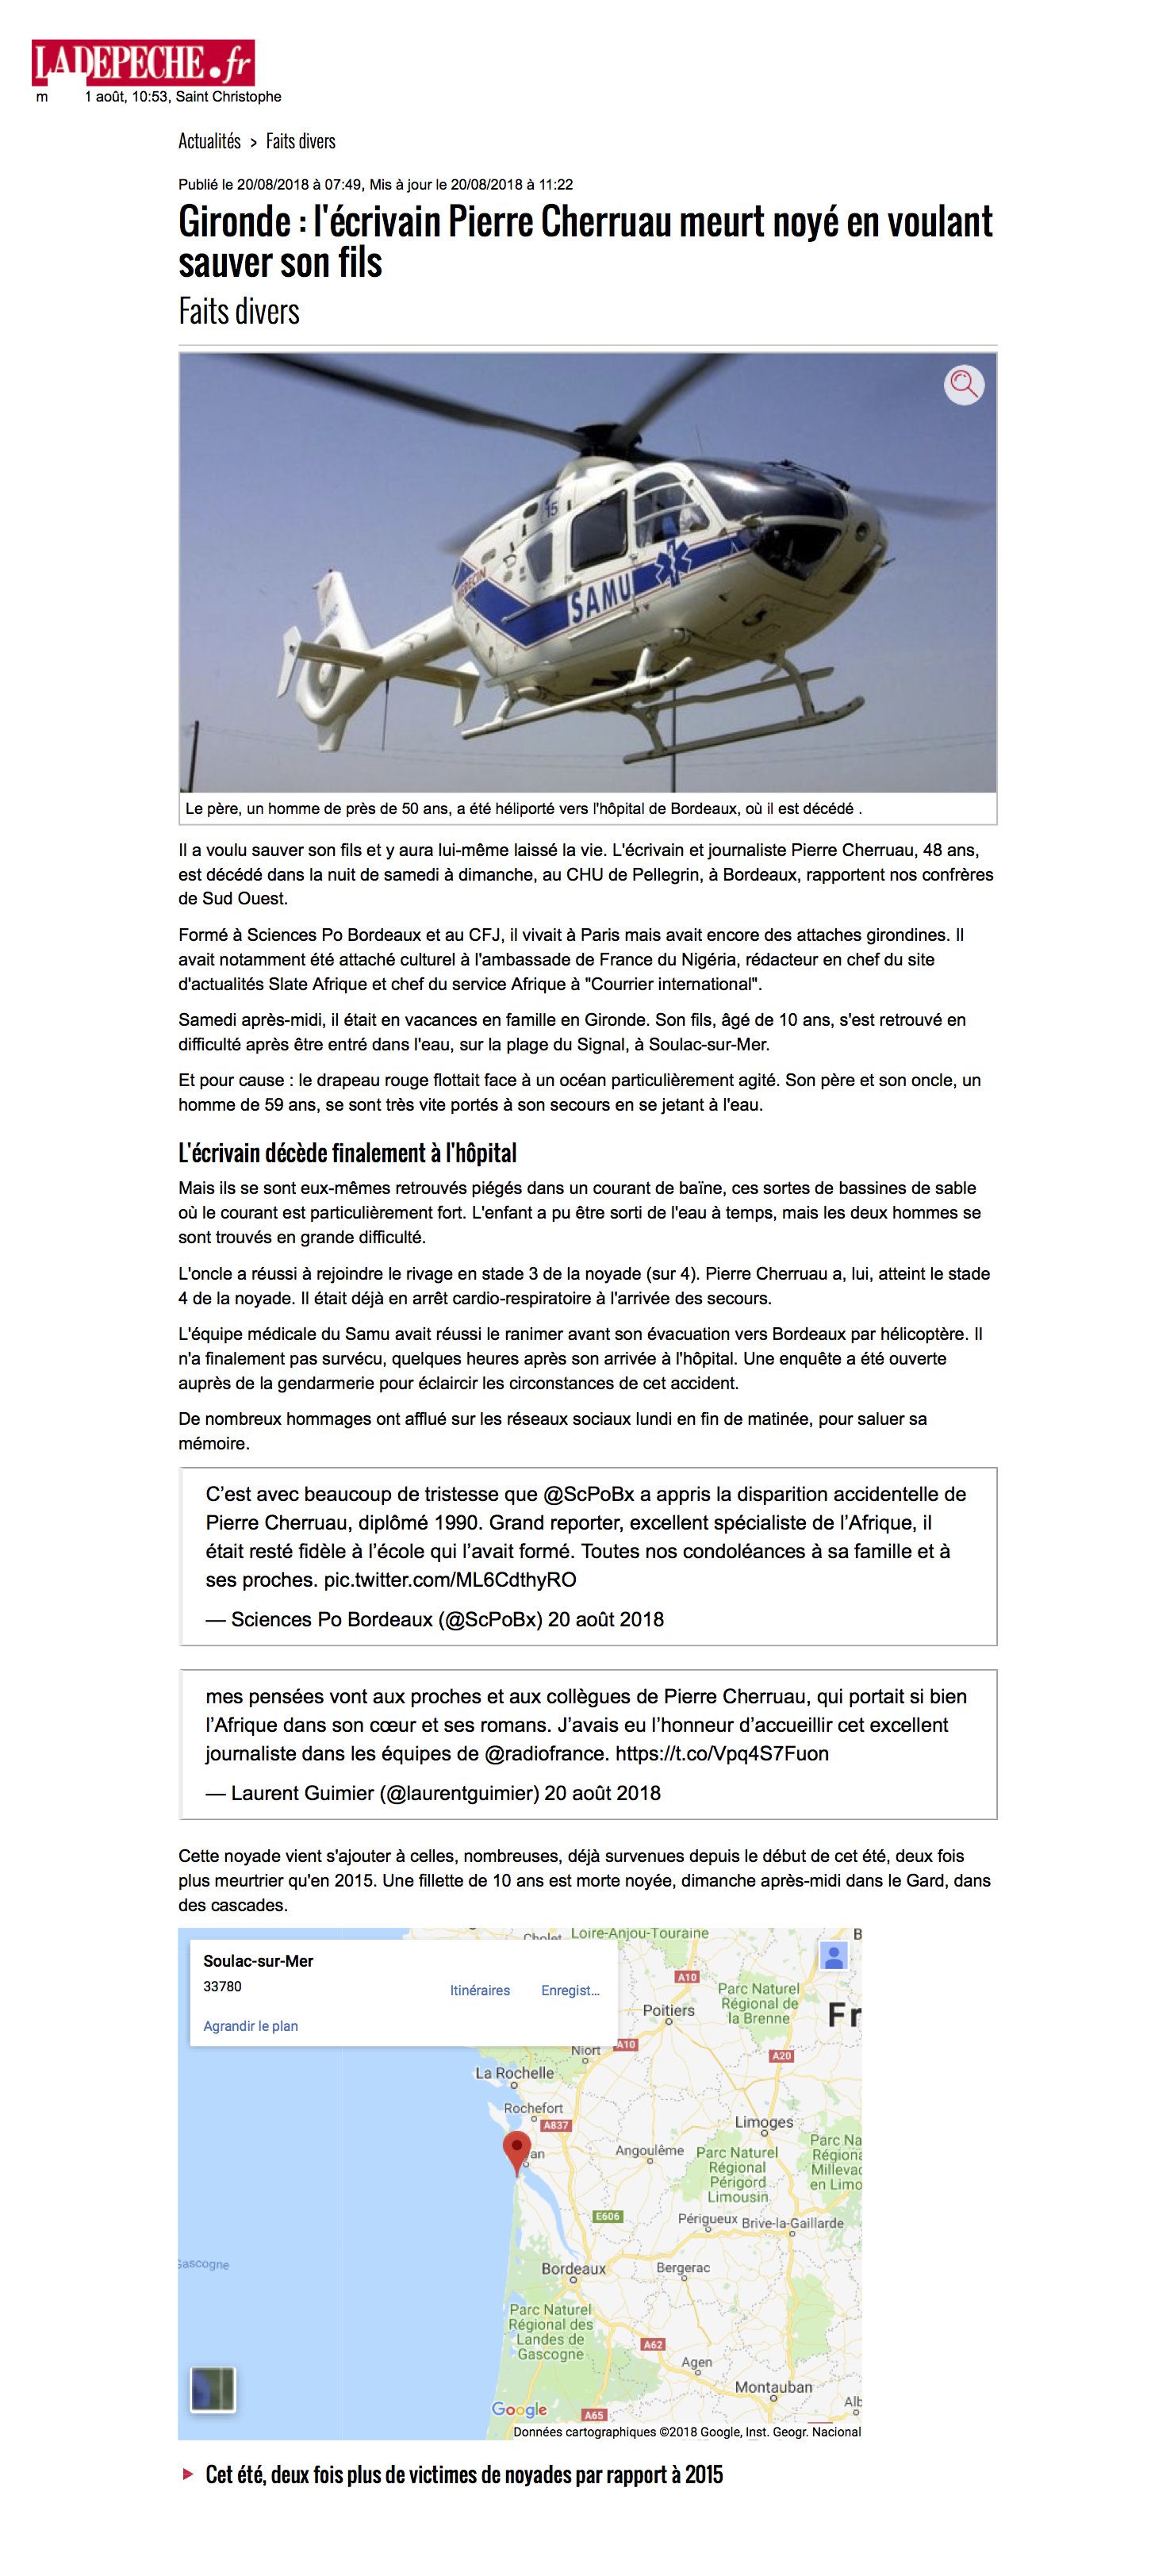 gironde-lecrivain-pierre-cherruau-meurt-noye-en-voulant-sauver-son-fils-20082018-ladepeche-fr